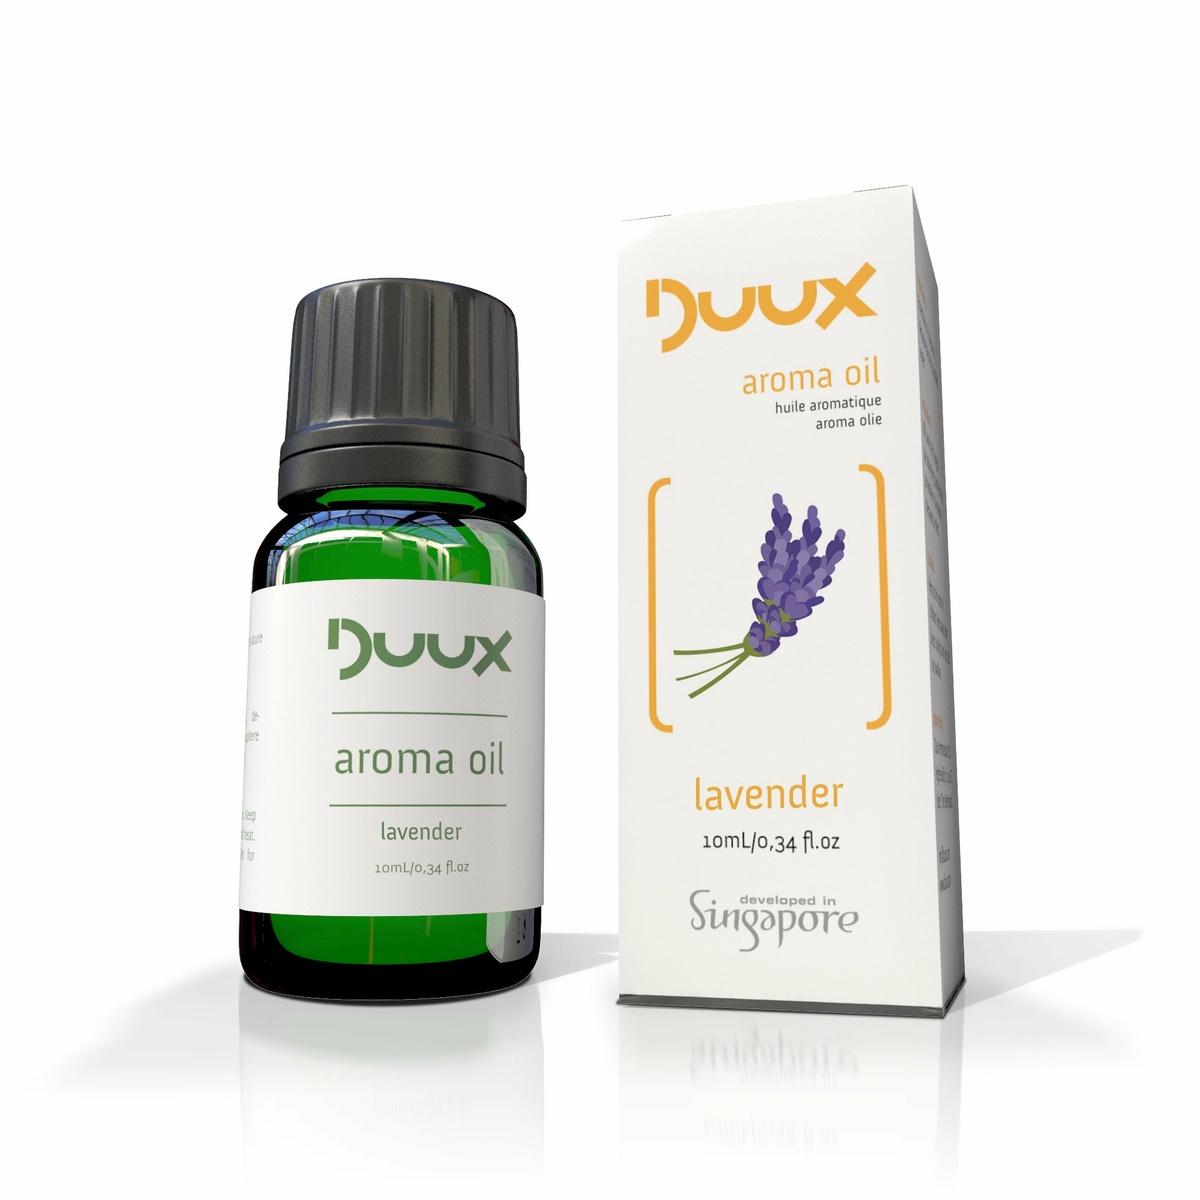 Maxxo Duux aróma olej Lavender - pre zvlhčovače,